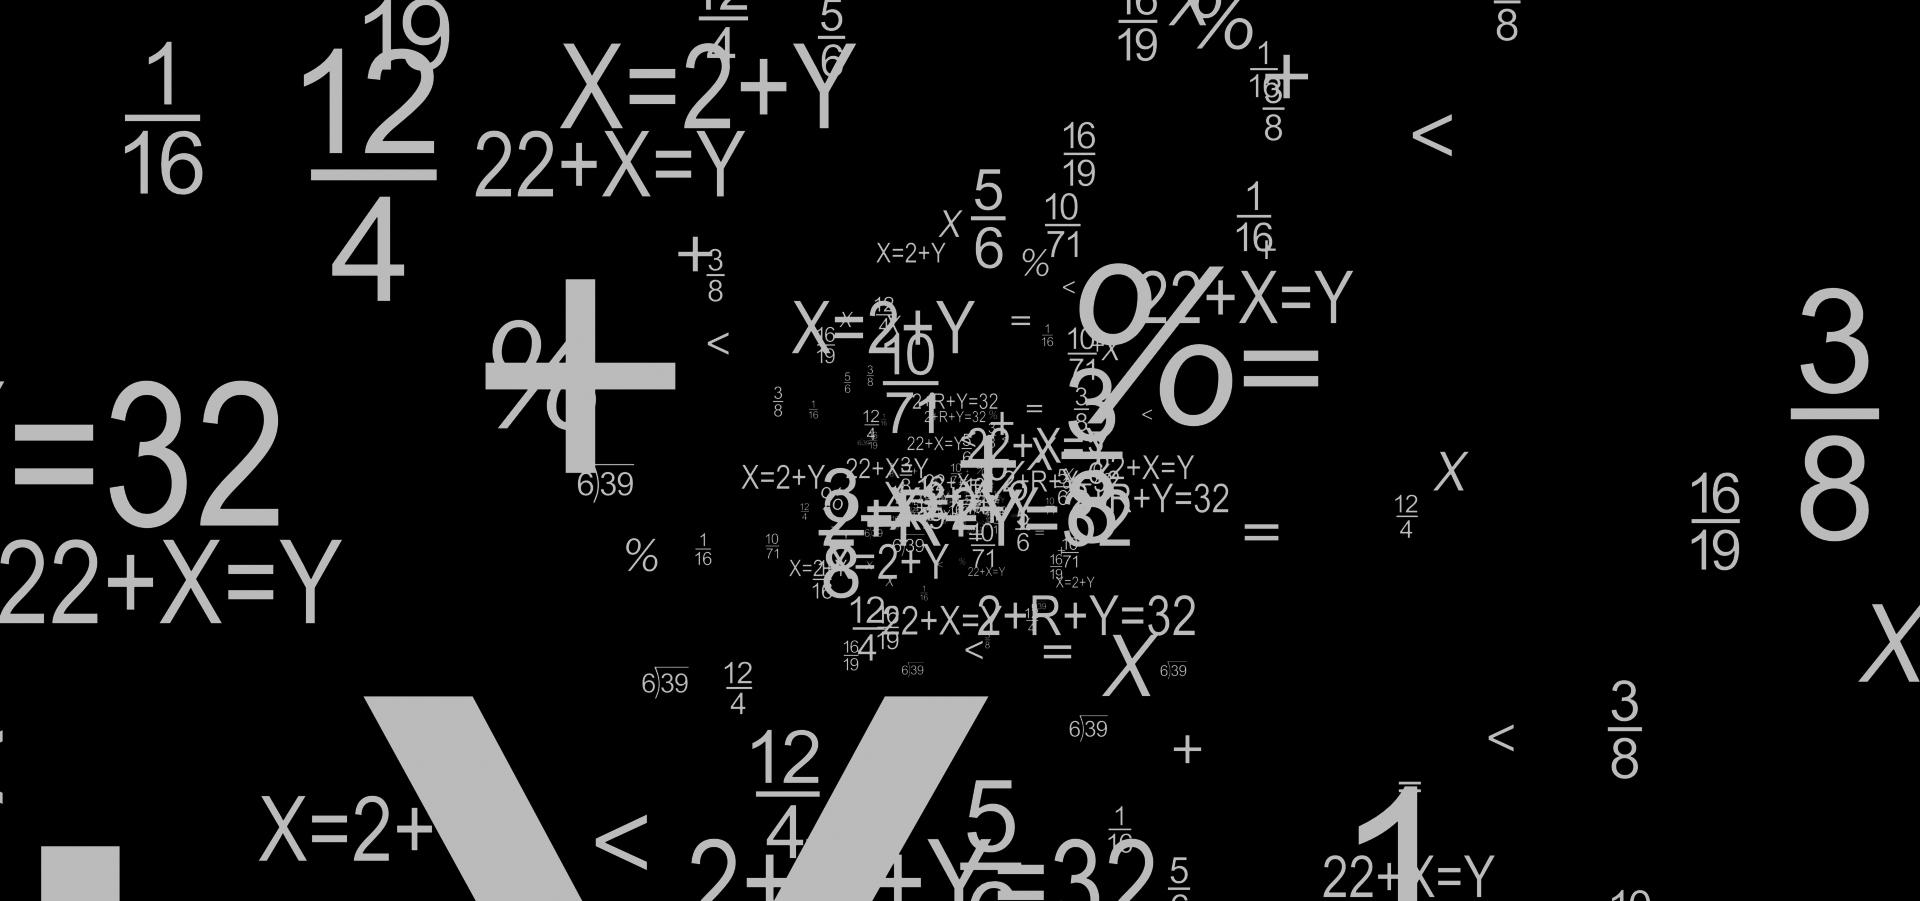 Siri раздели 0 на 0, или умеет ли Сири считать?